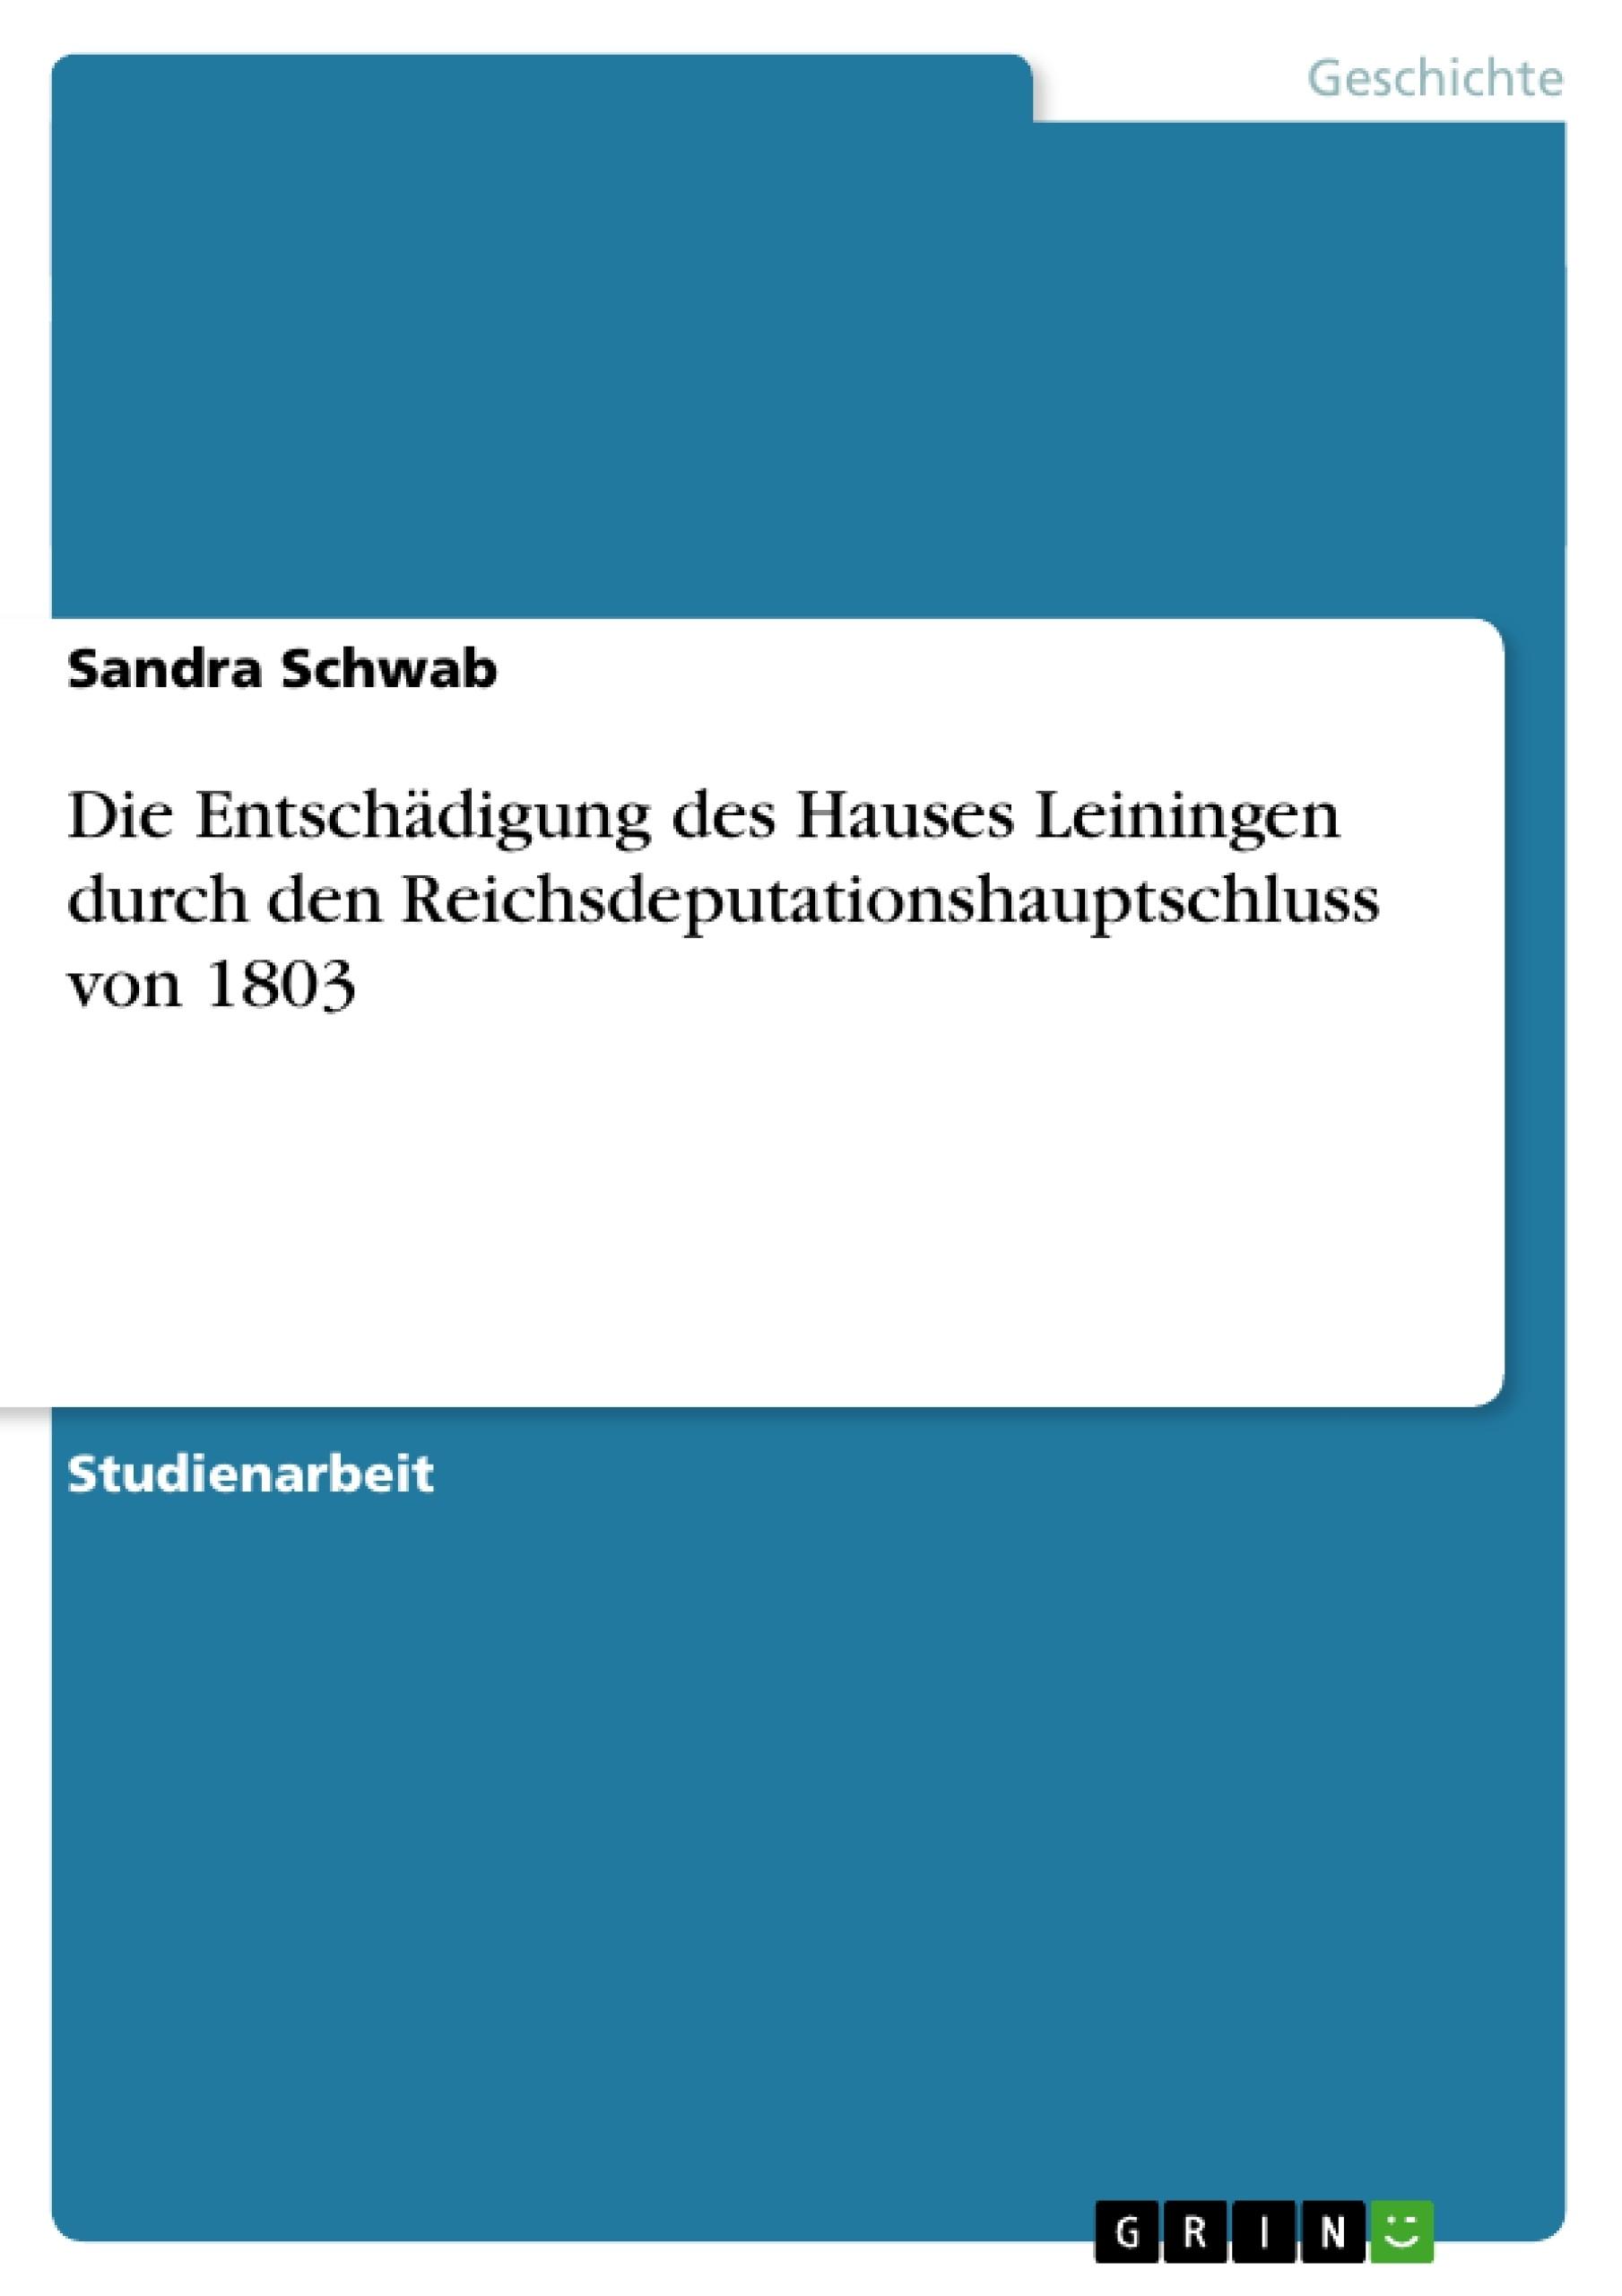 Titel: Die Entschädigung des Hauses Leiningen durch den Reichsdeputationshauptschluss von 1803